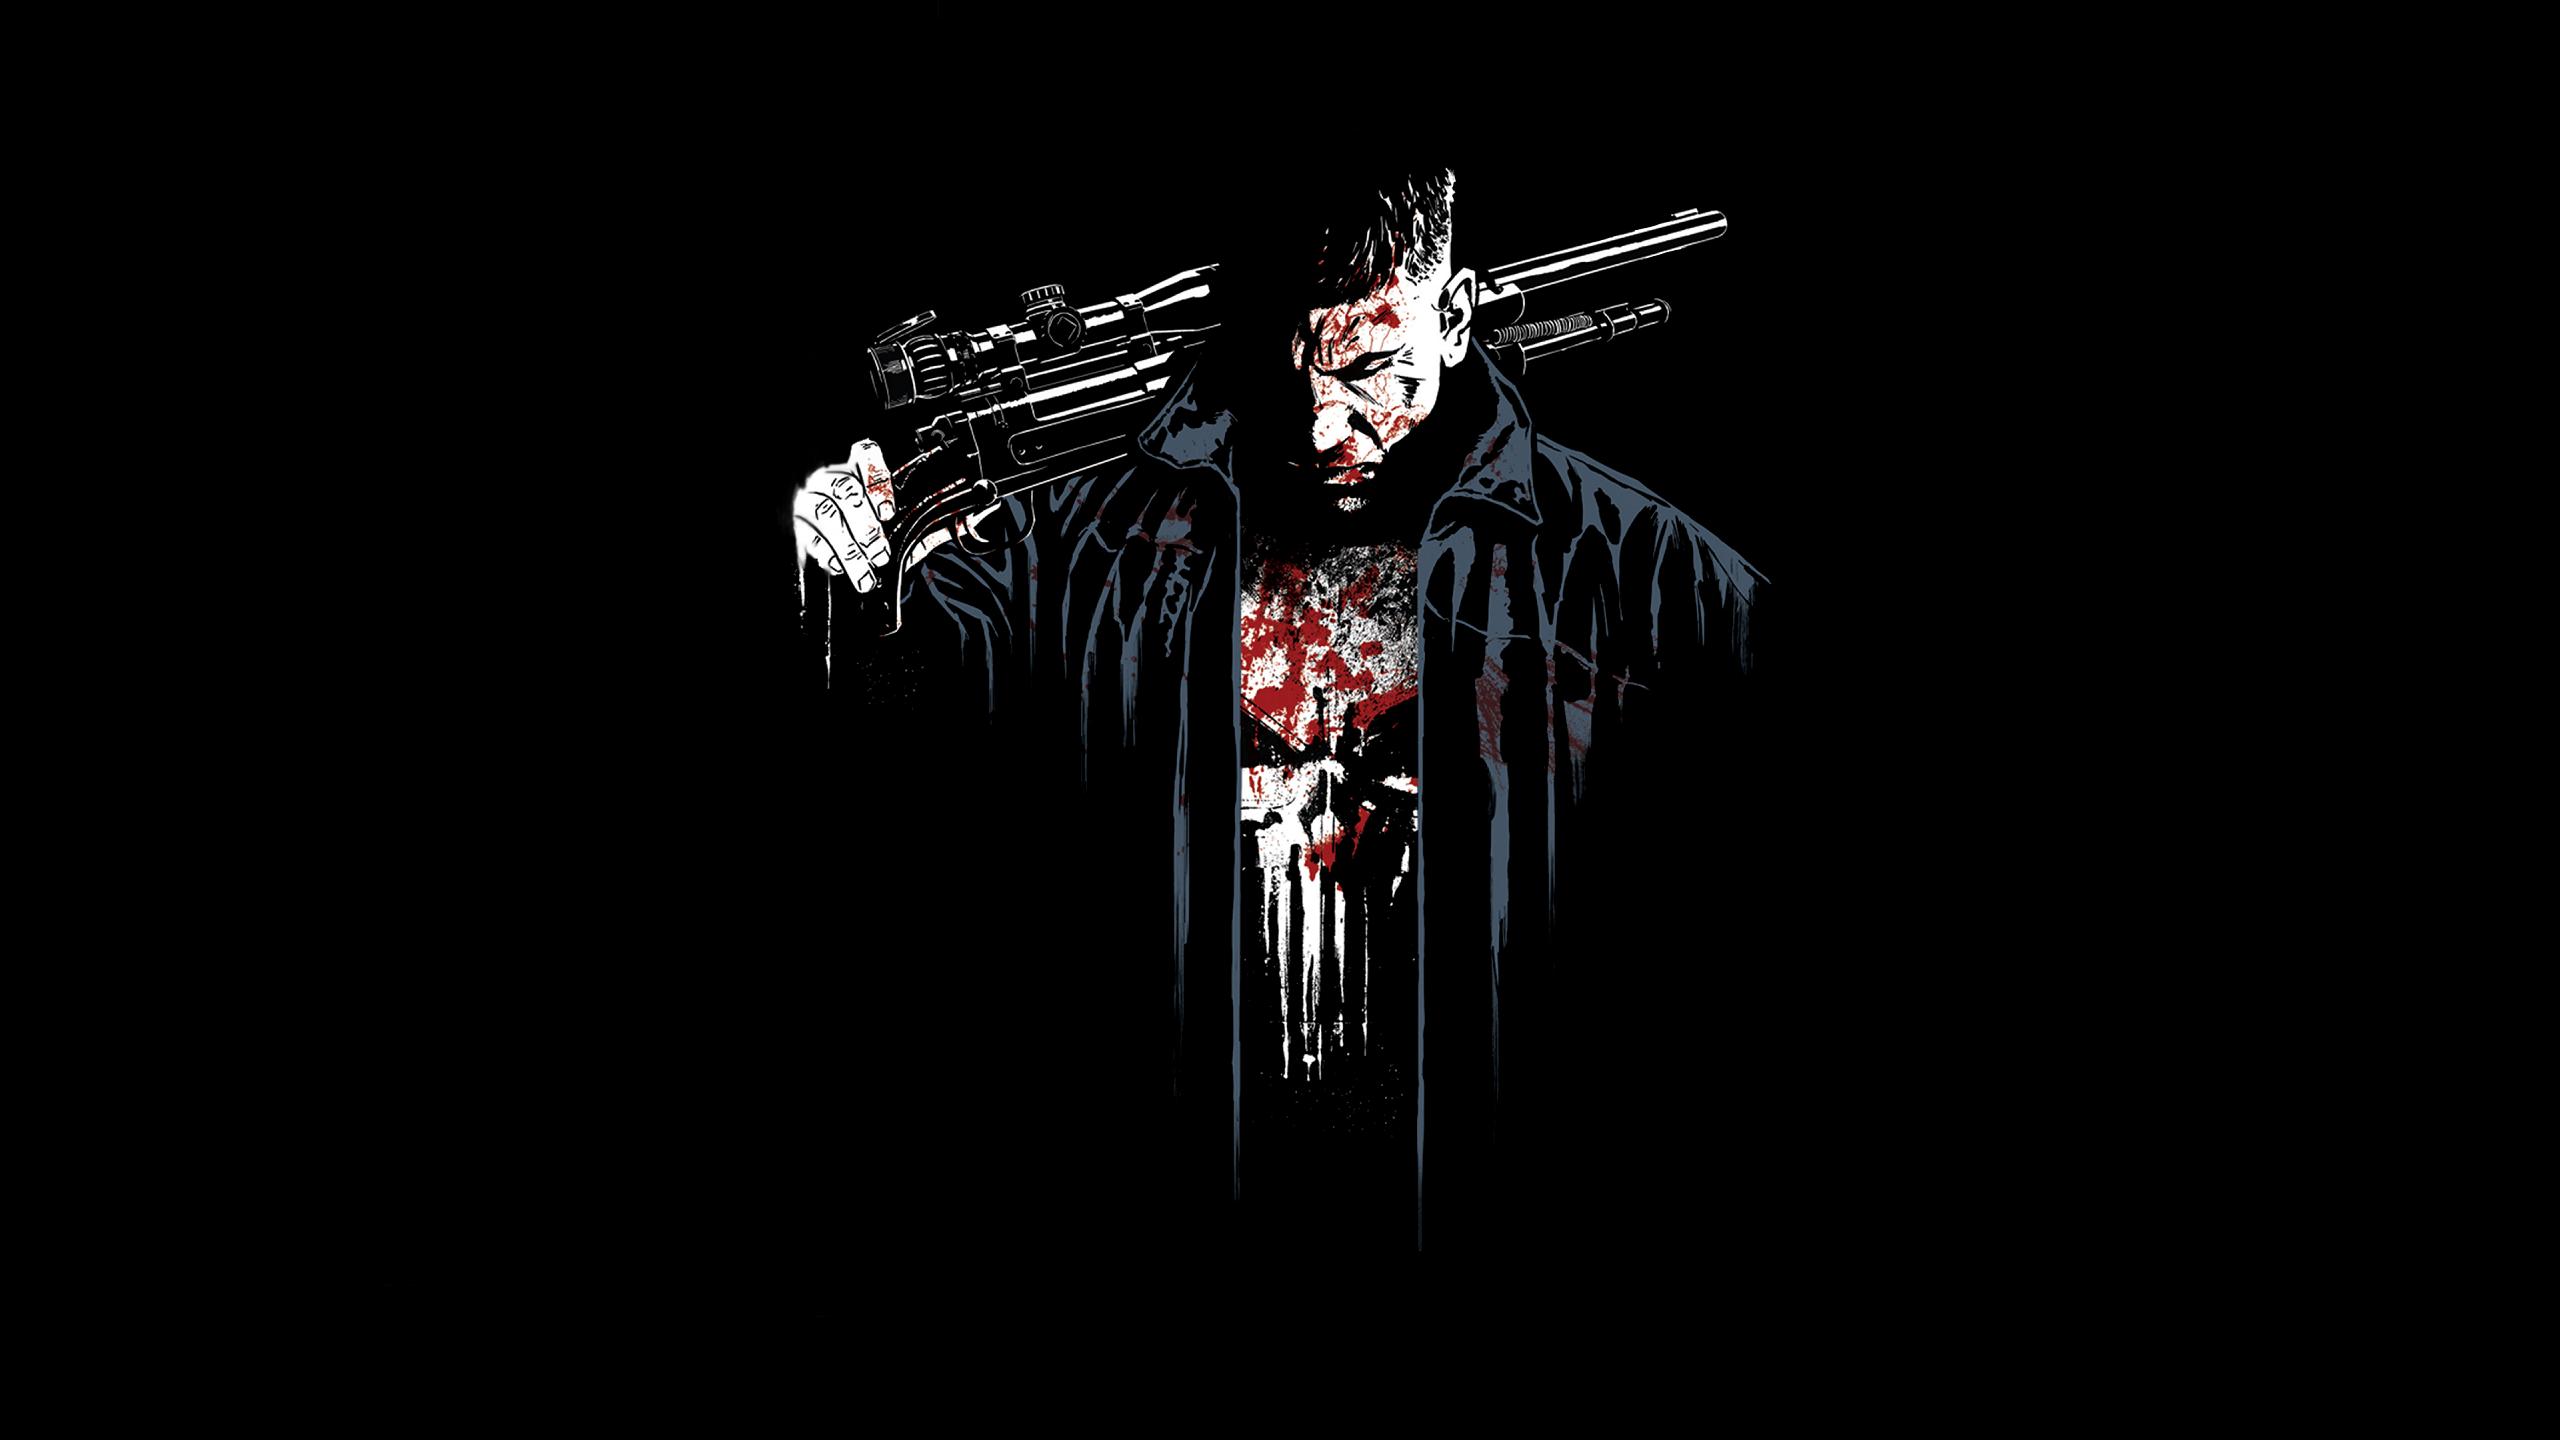 Netflix The Punisher Jon Bernthal Art, Full HD 2K Wallpaper